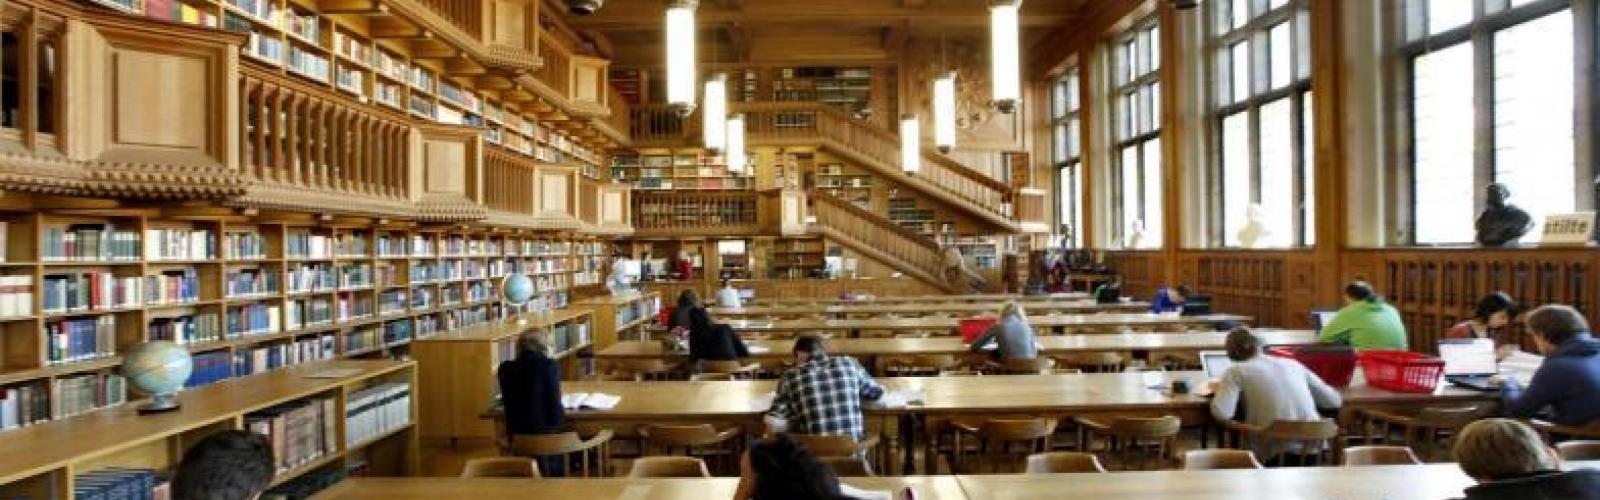 bibliotheek KU Leuven